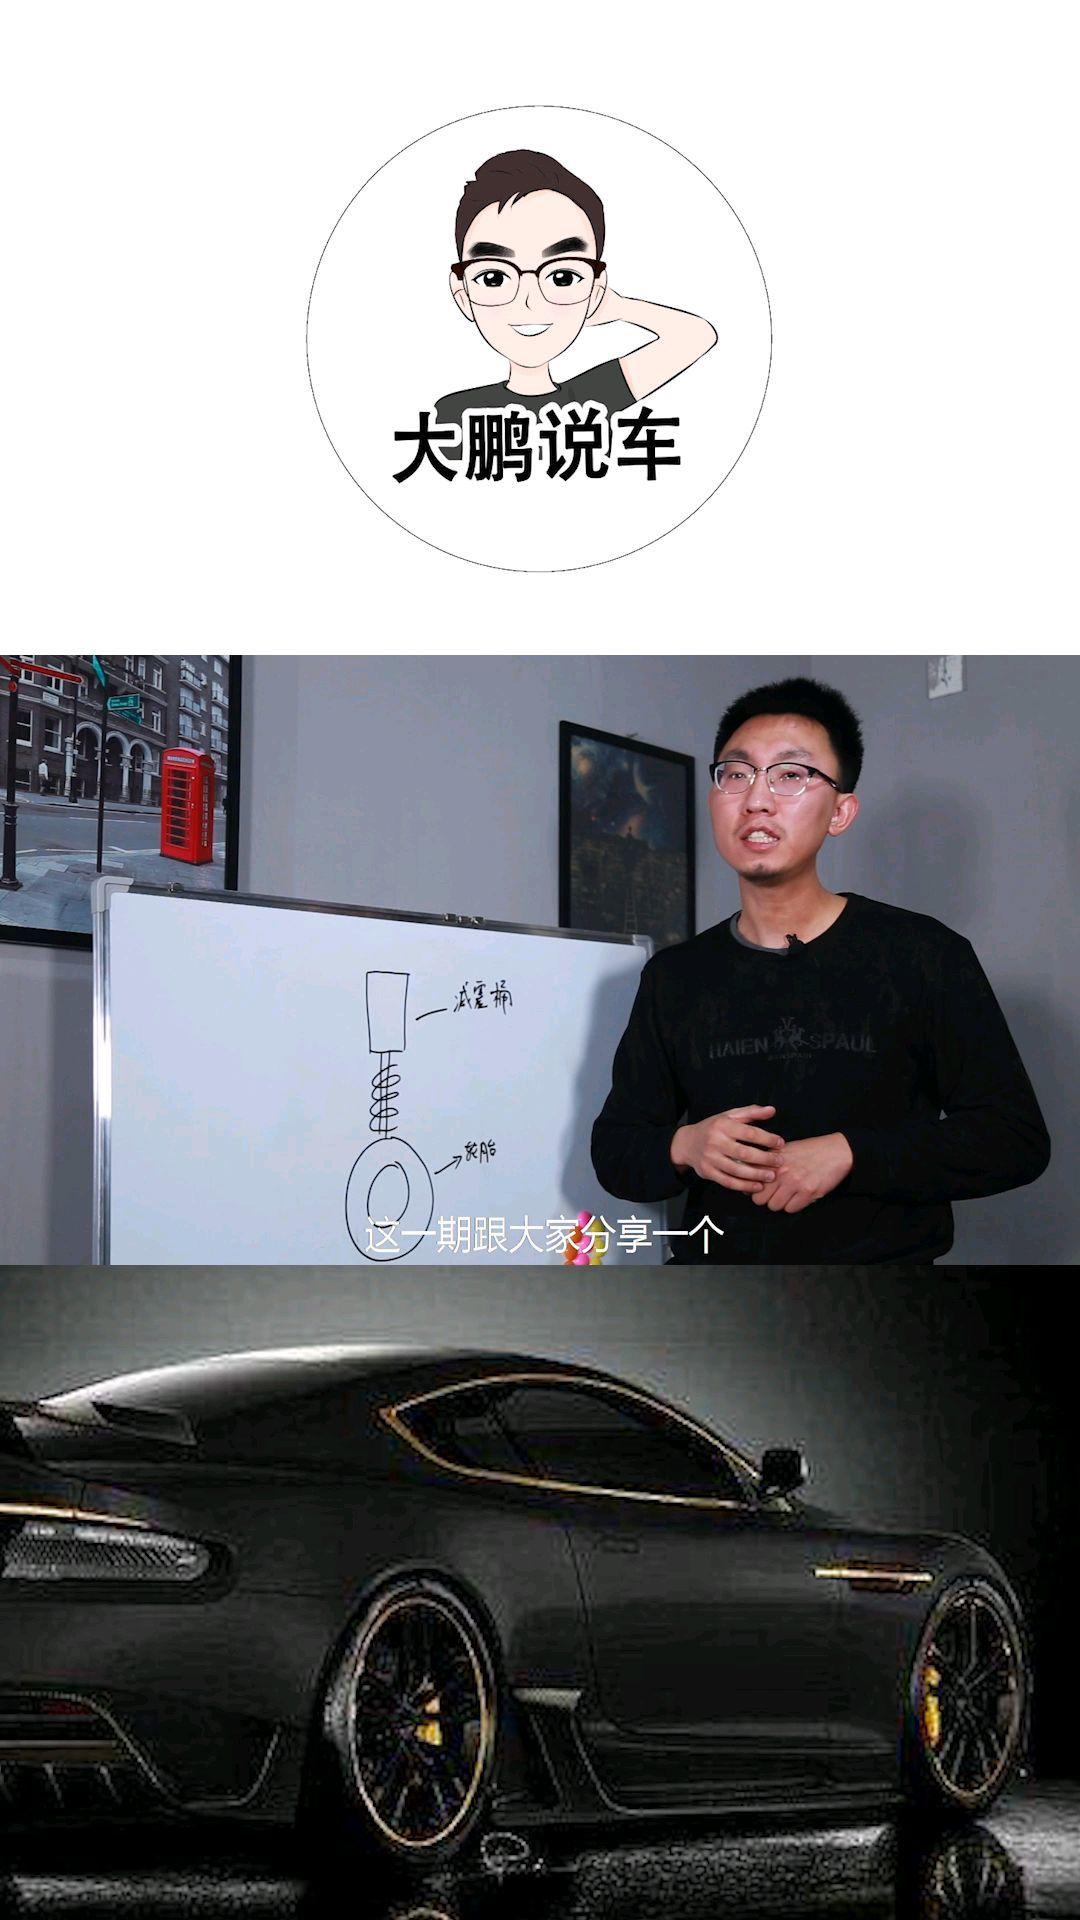 【大鹏说车】怎么检查悬挂是否更换?